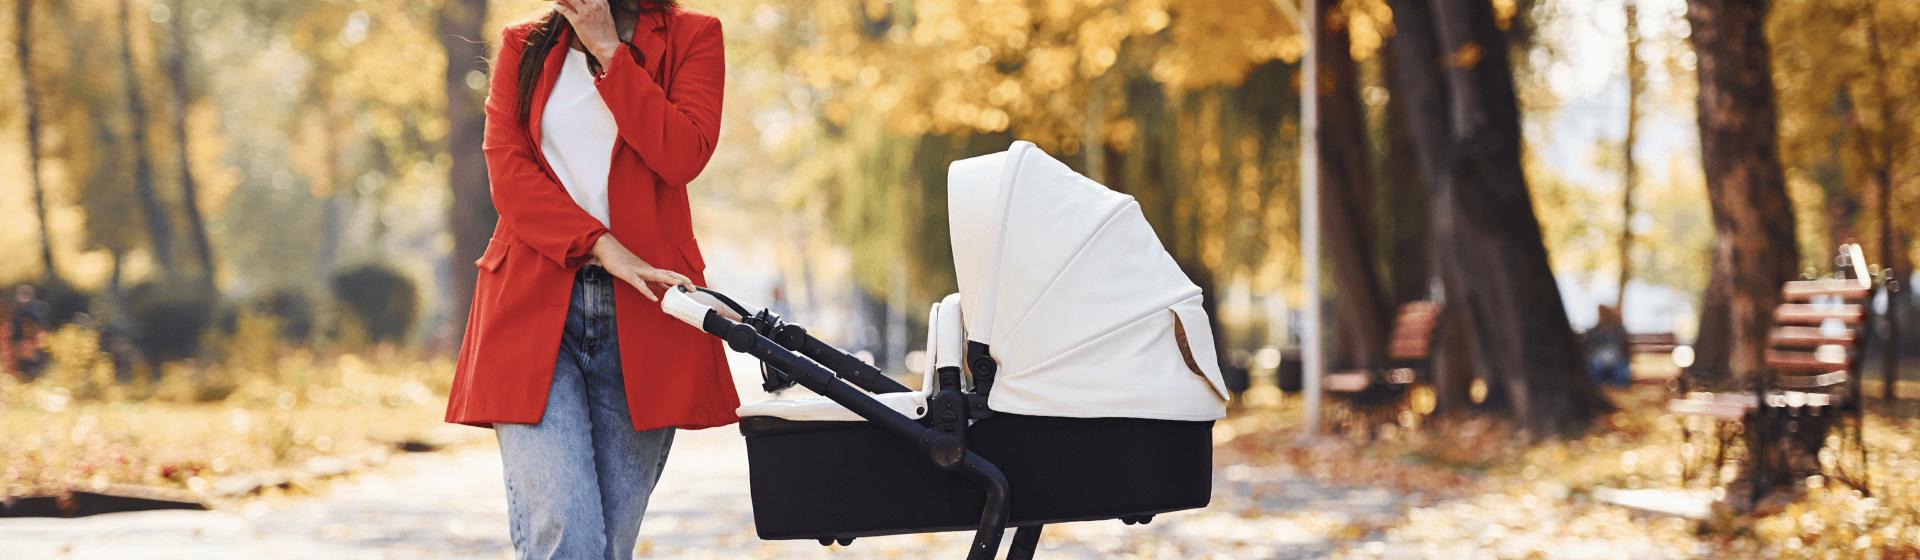 Carrinho de bebê: o que é o Moisés?